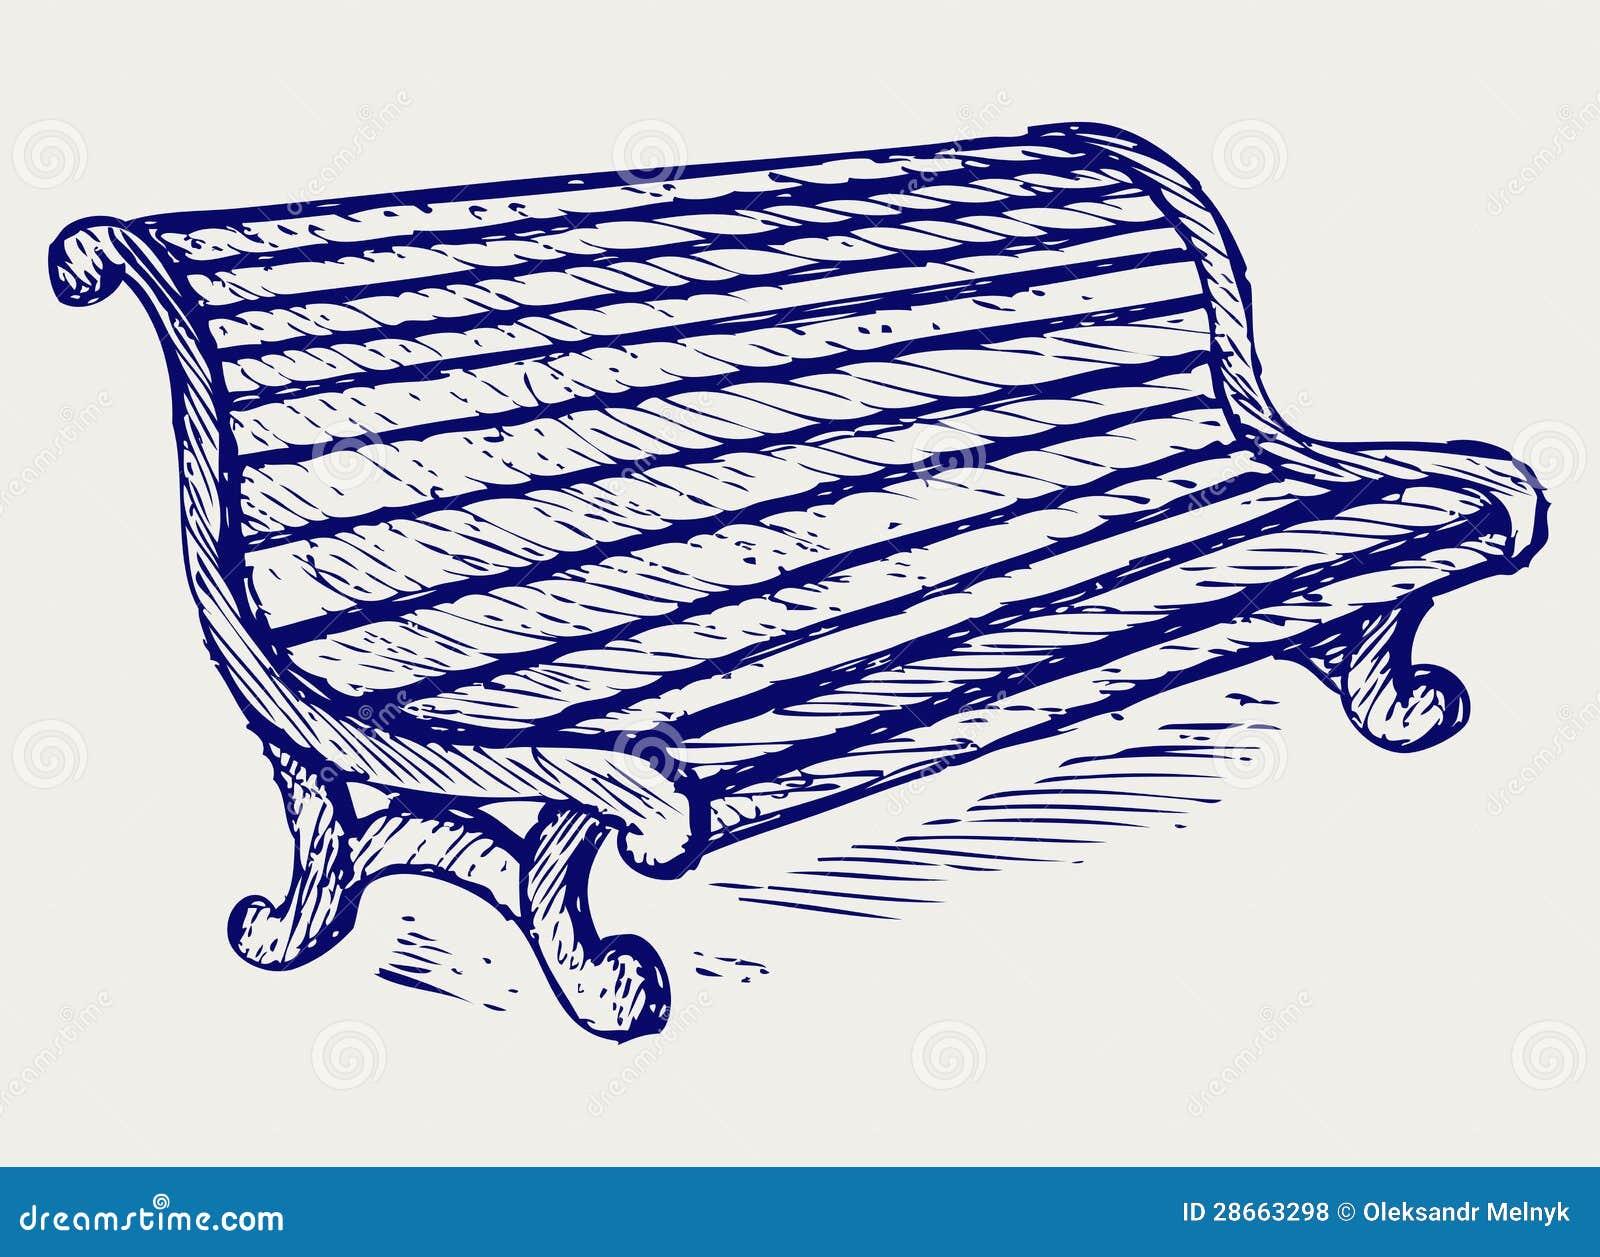 Banc En Bois Illustration De Vecteur Illustration Du Griffonnage  # Achat Bancs Droits Bois